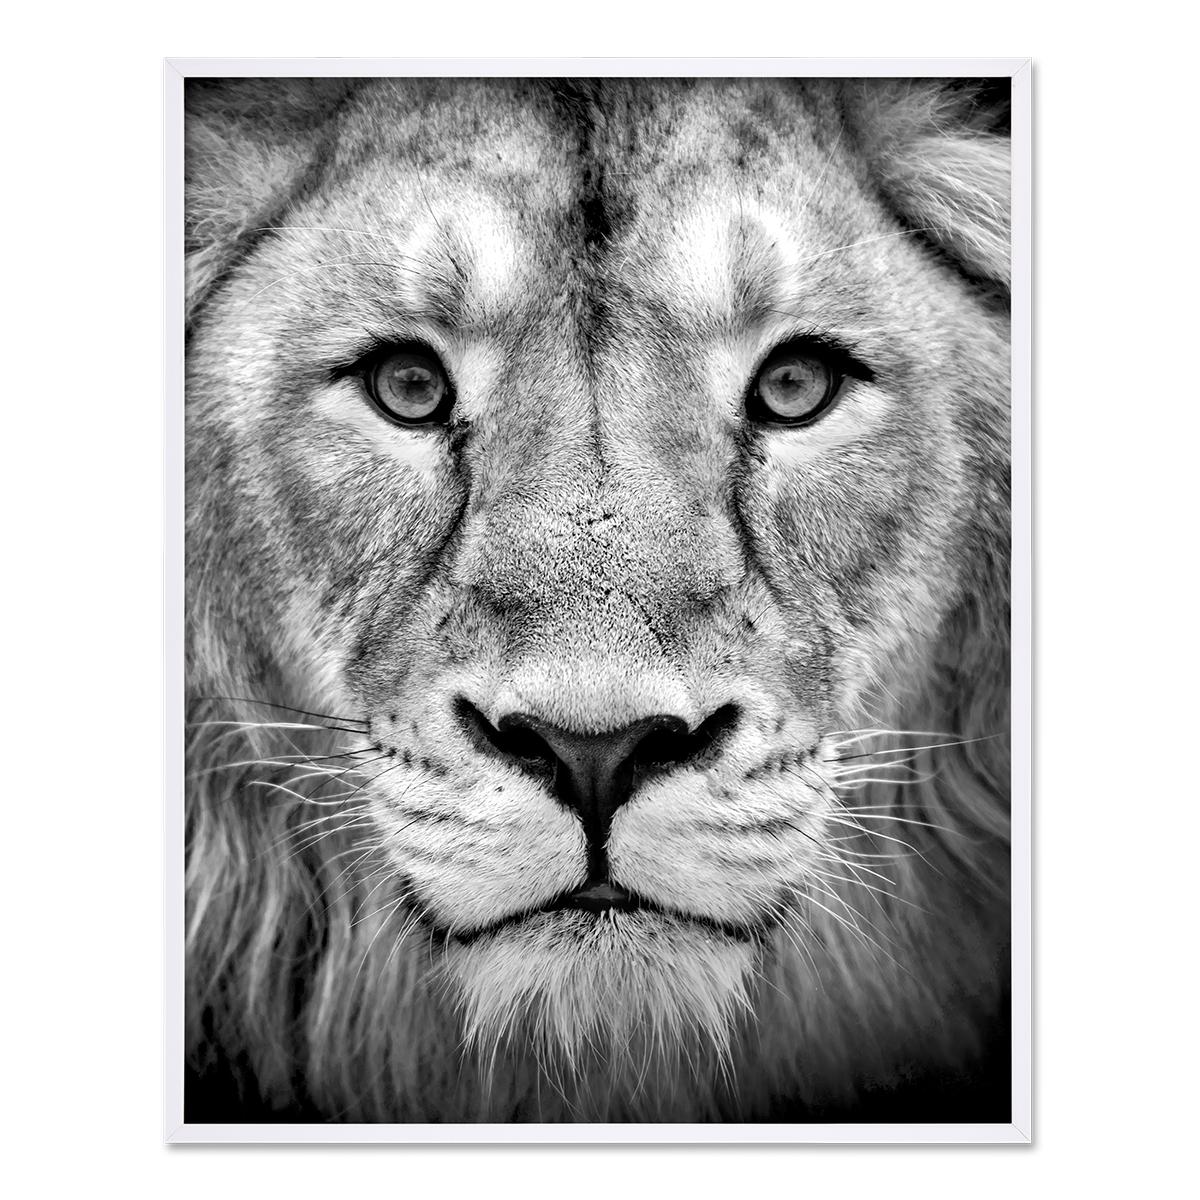 poster 'lion' 40x50 cm motiv natur landschaft design löwe